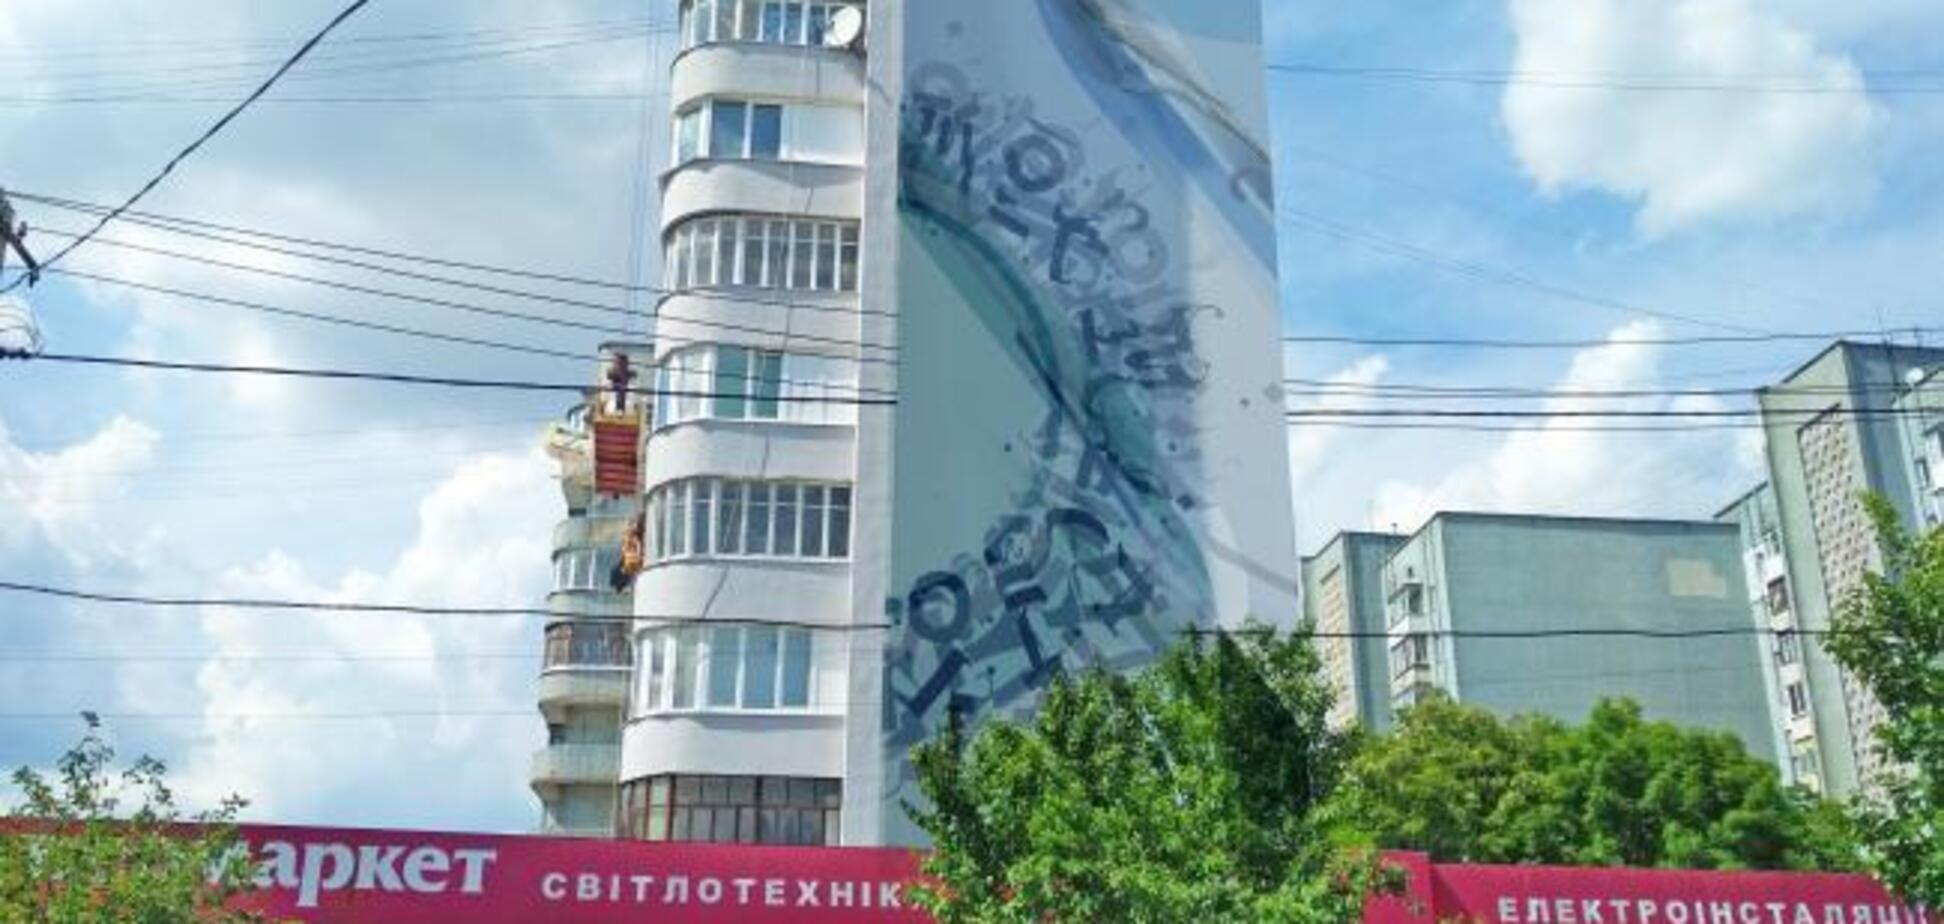 У Рівному малюють гігантський мурал за десятки тисяч гривень